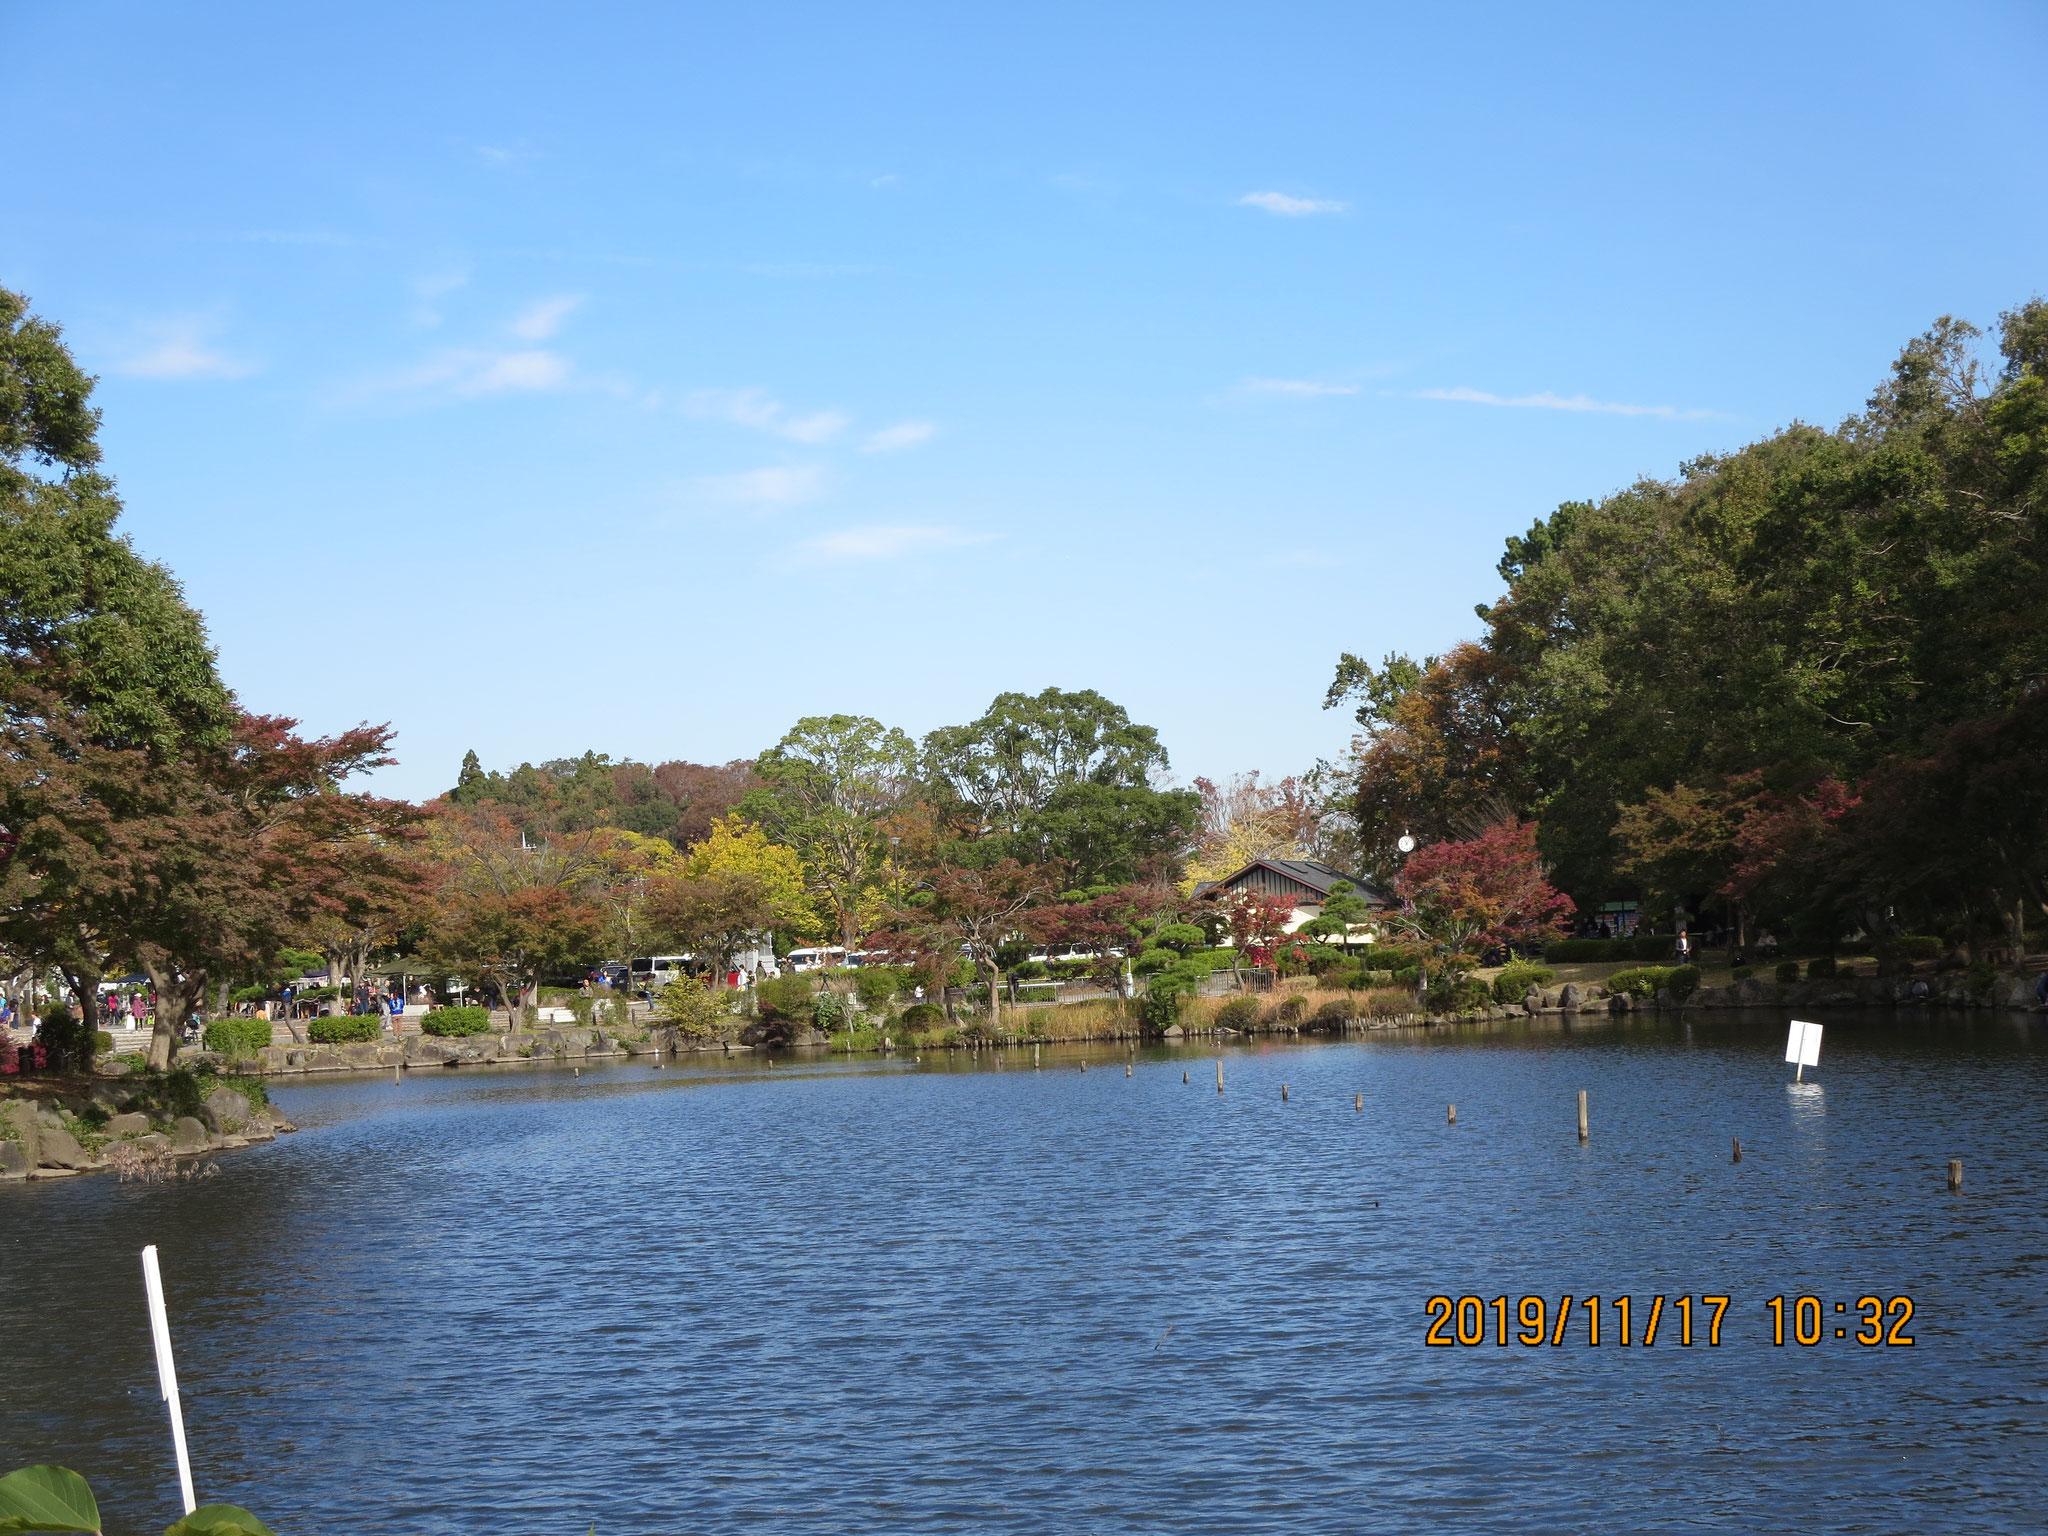 大池の眺め